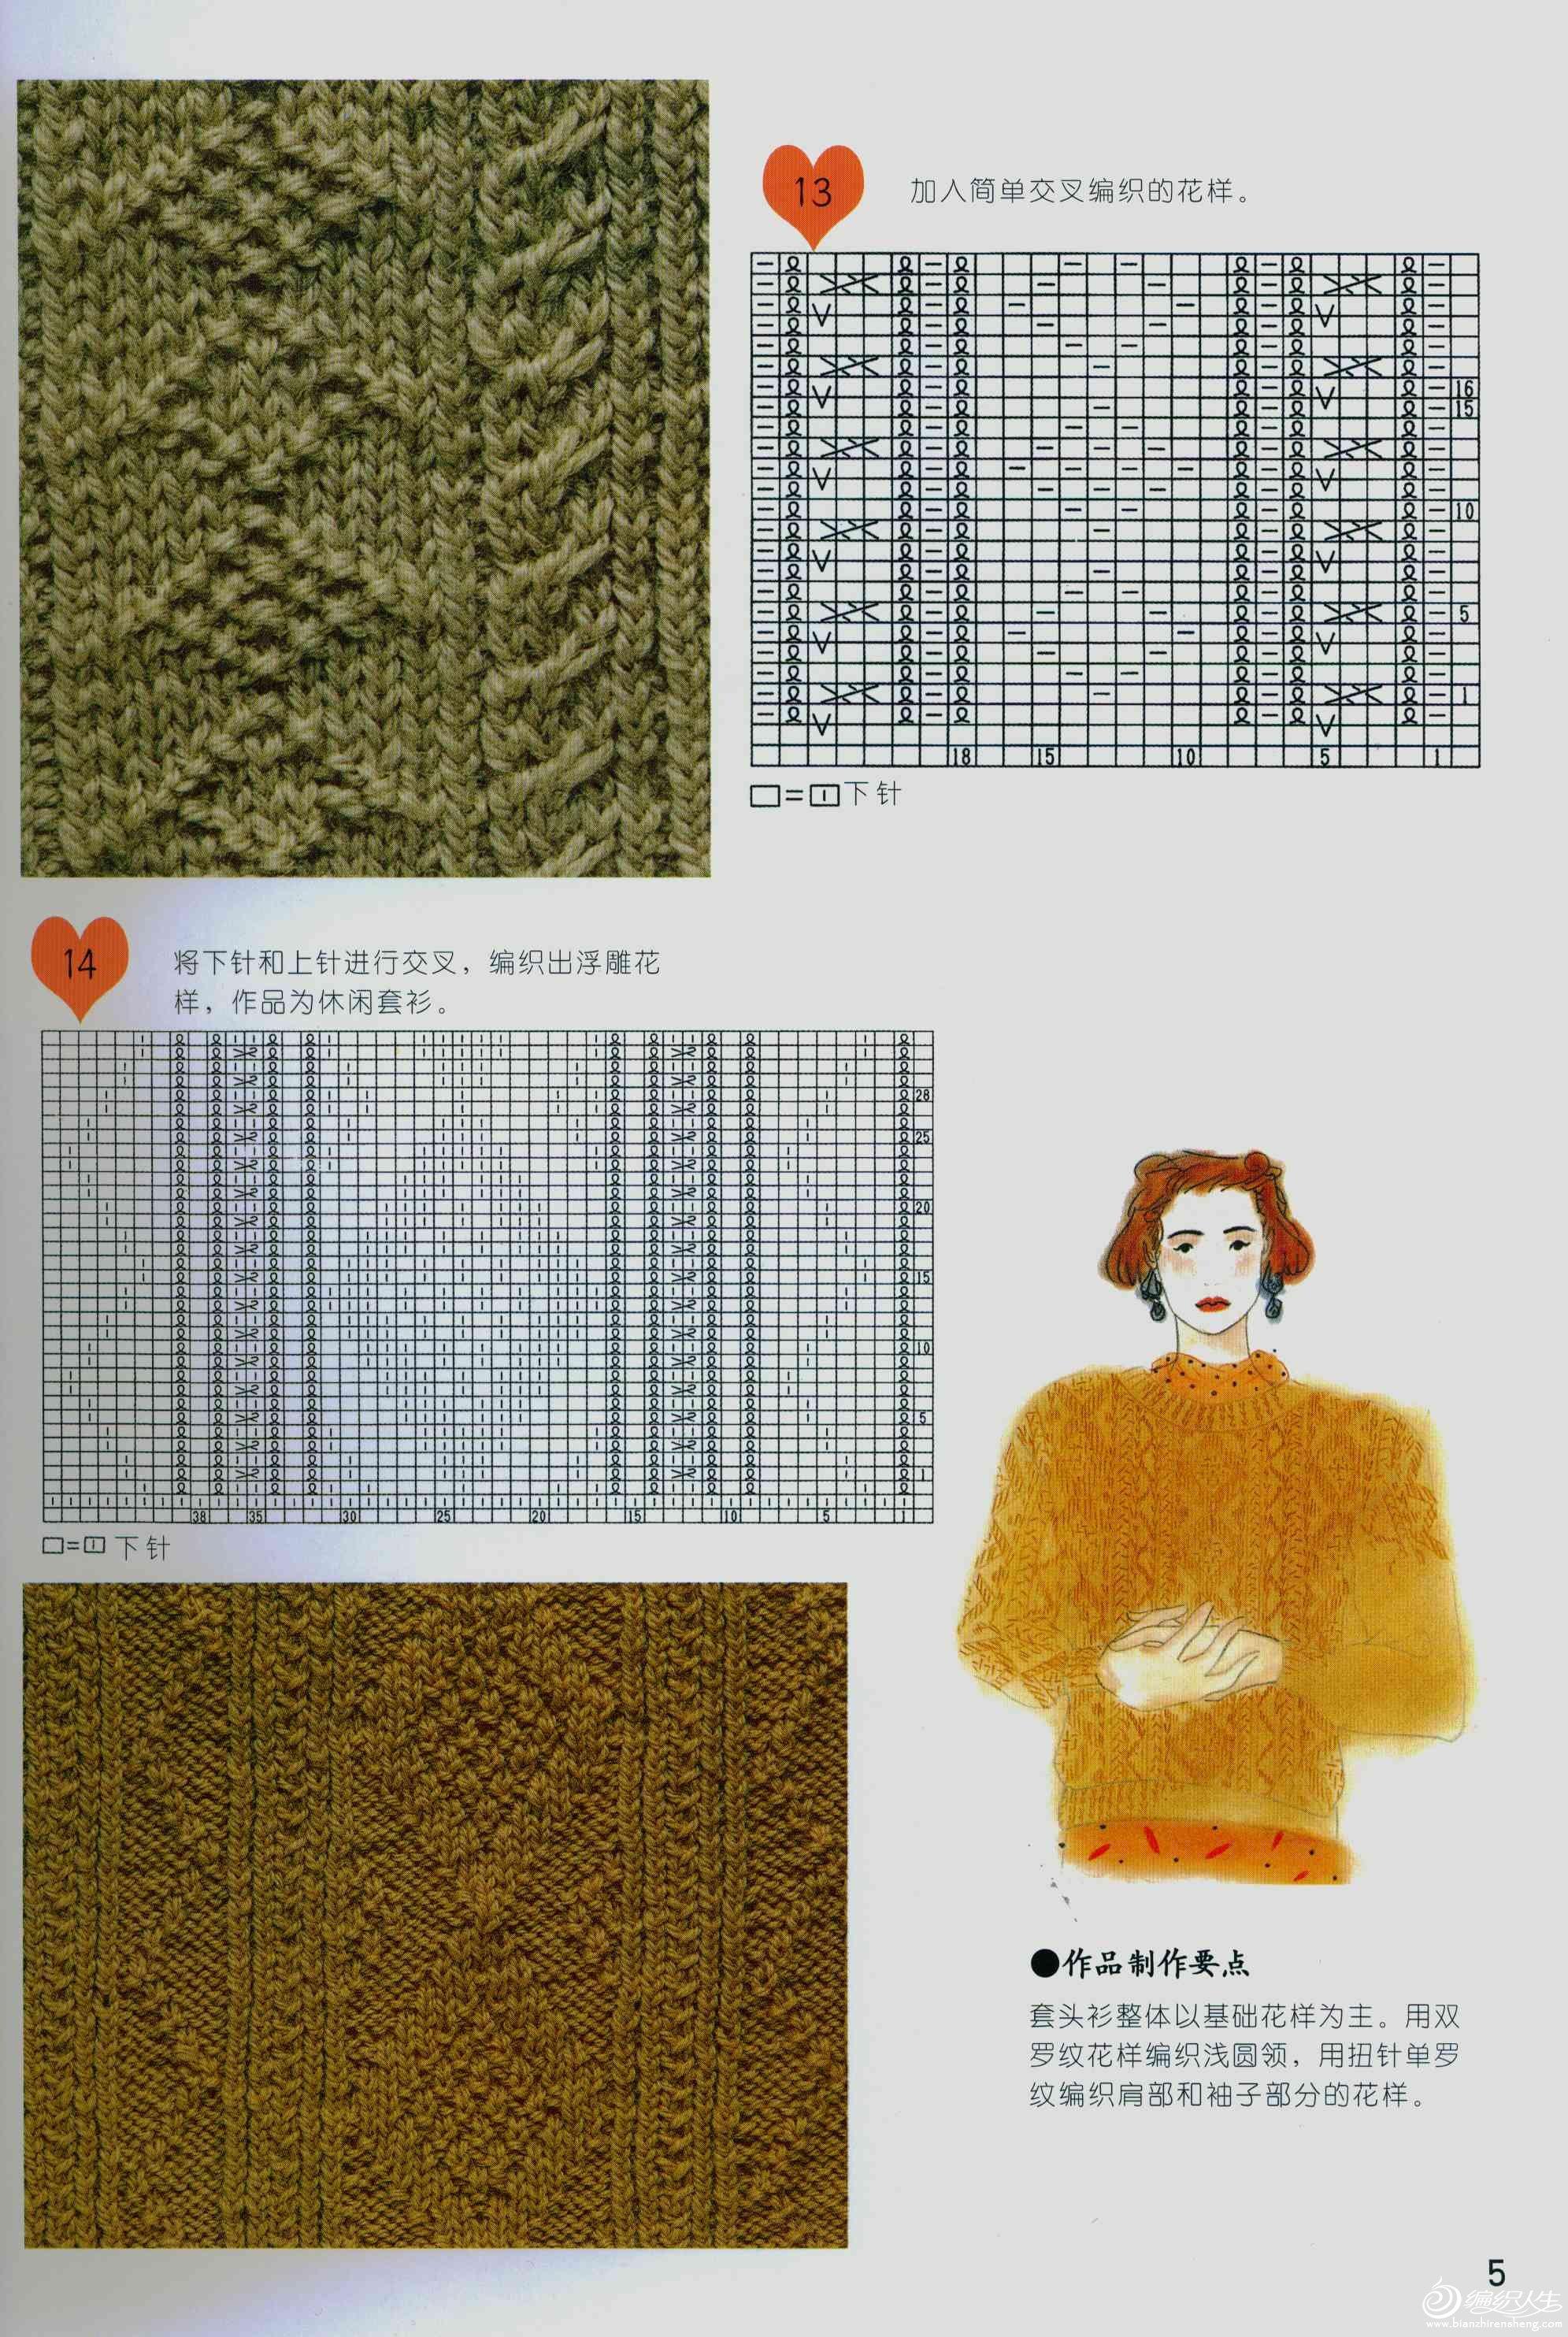 棒针编织花样与组合方法